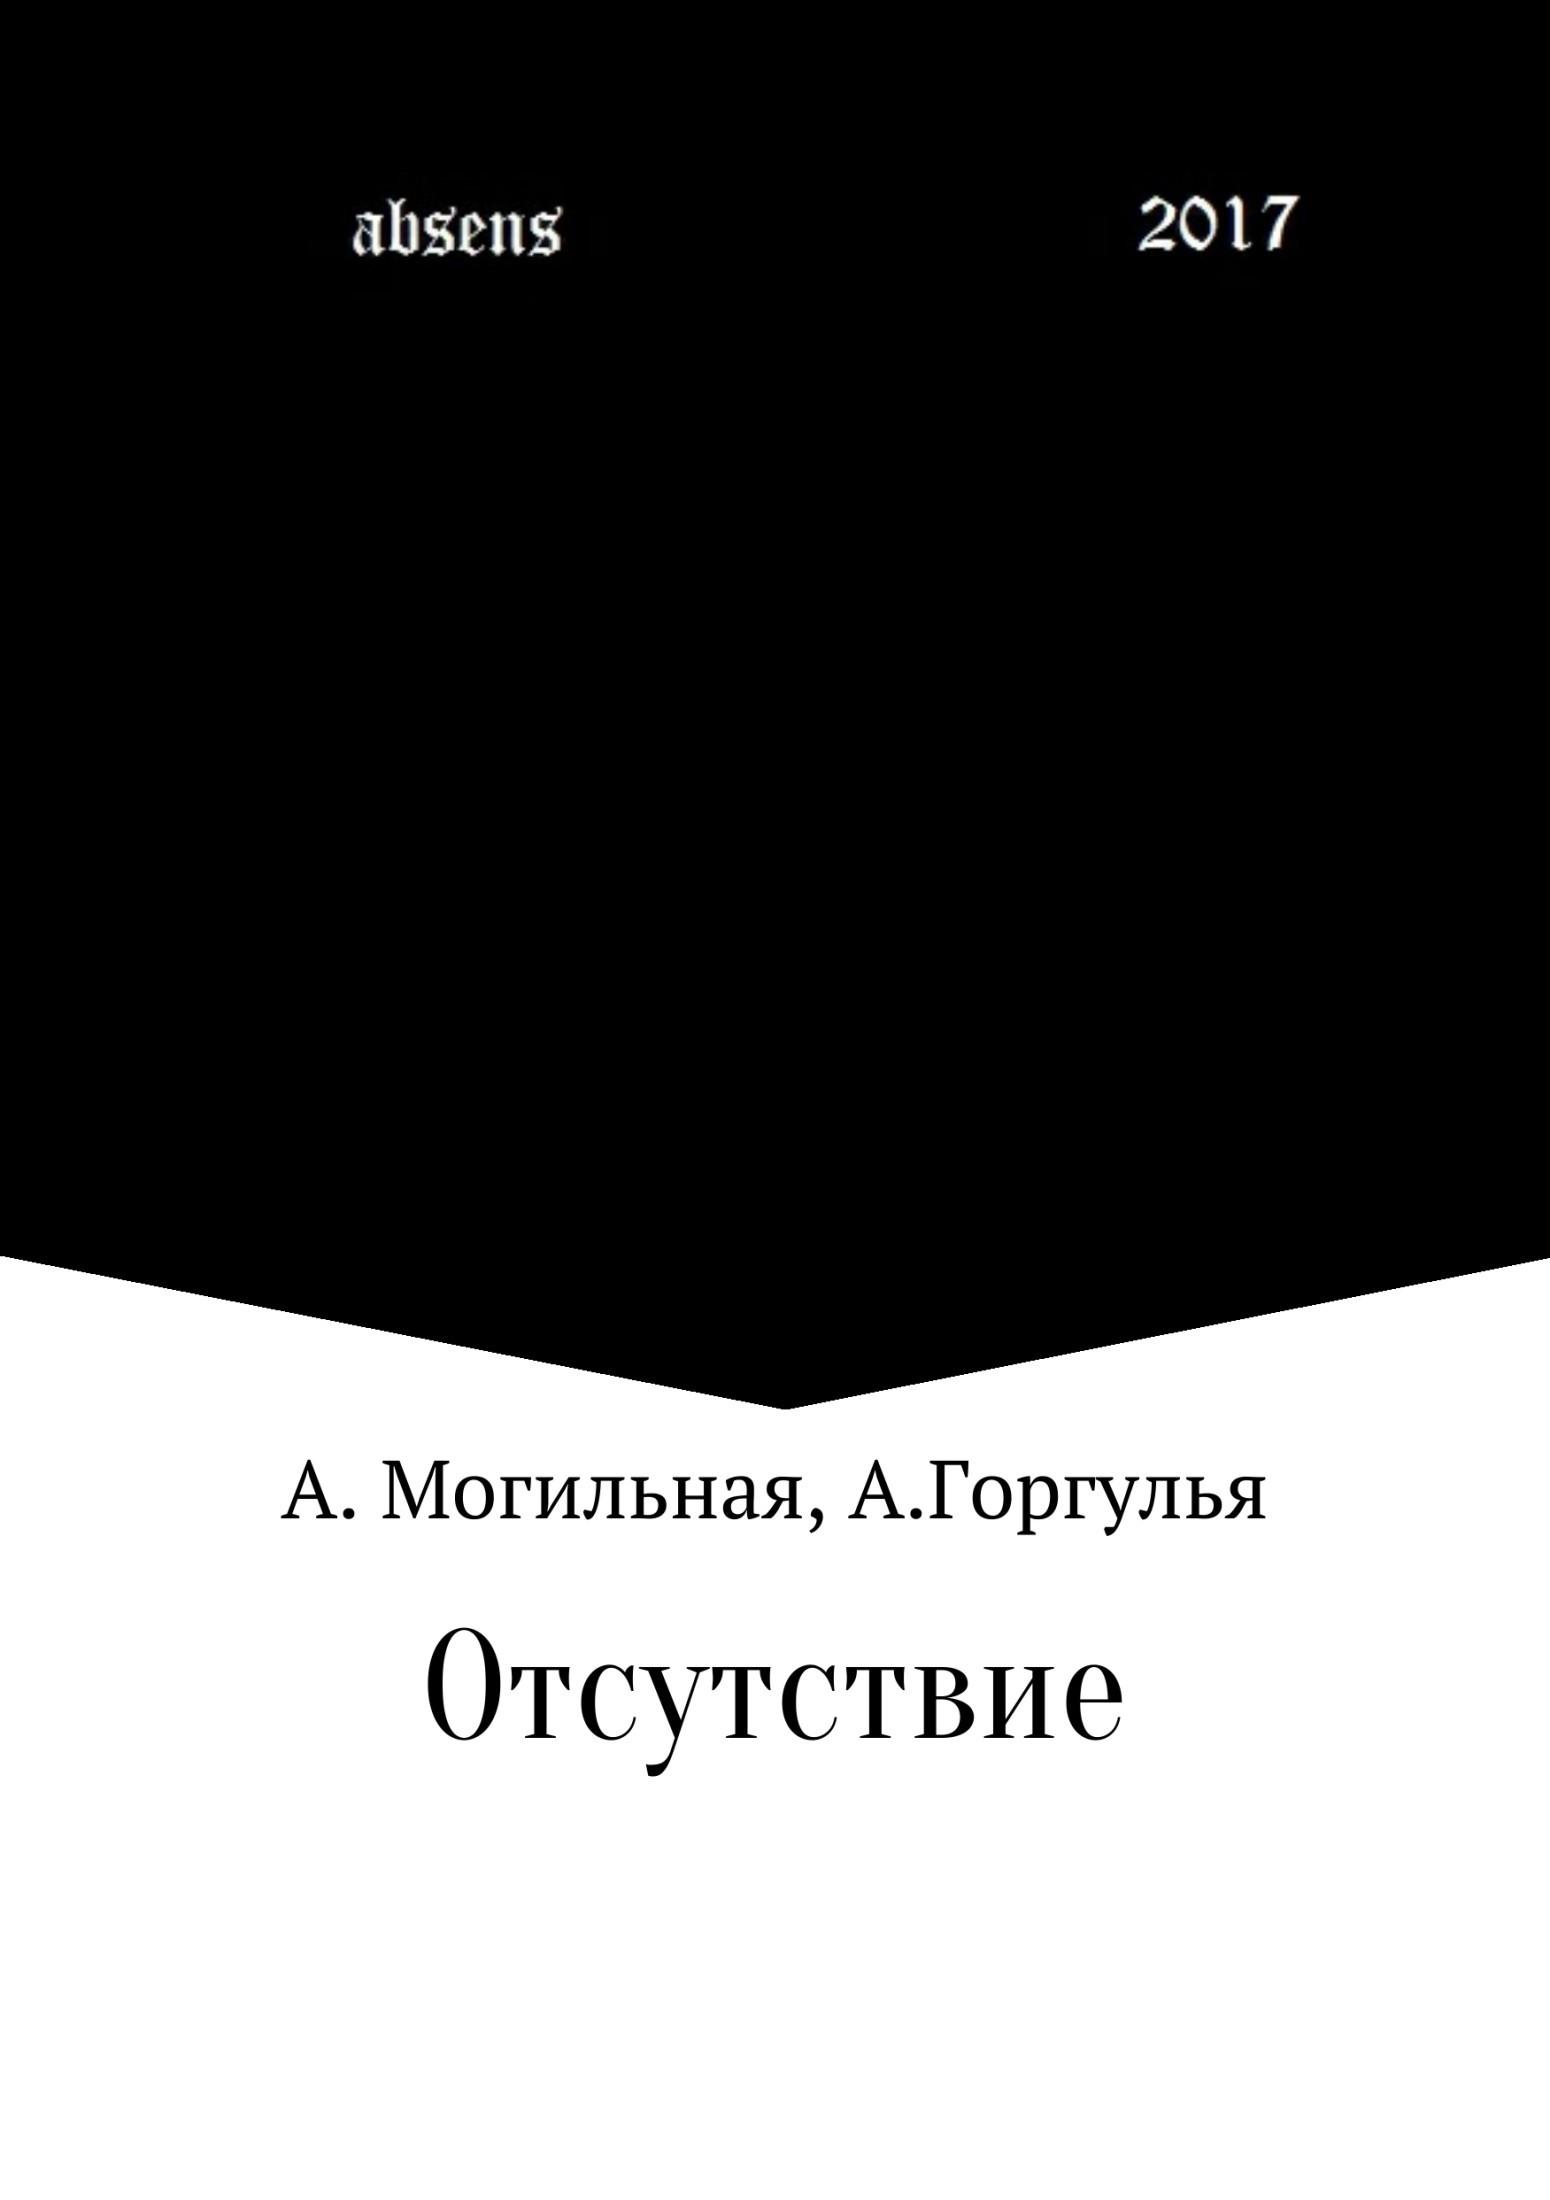 Альфреда Могильная. Отсутствие